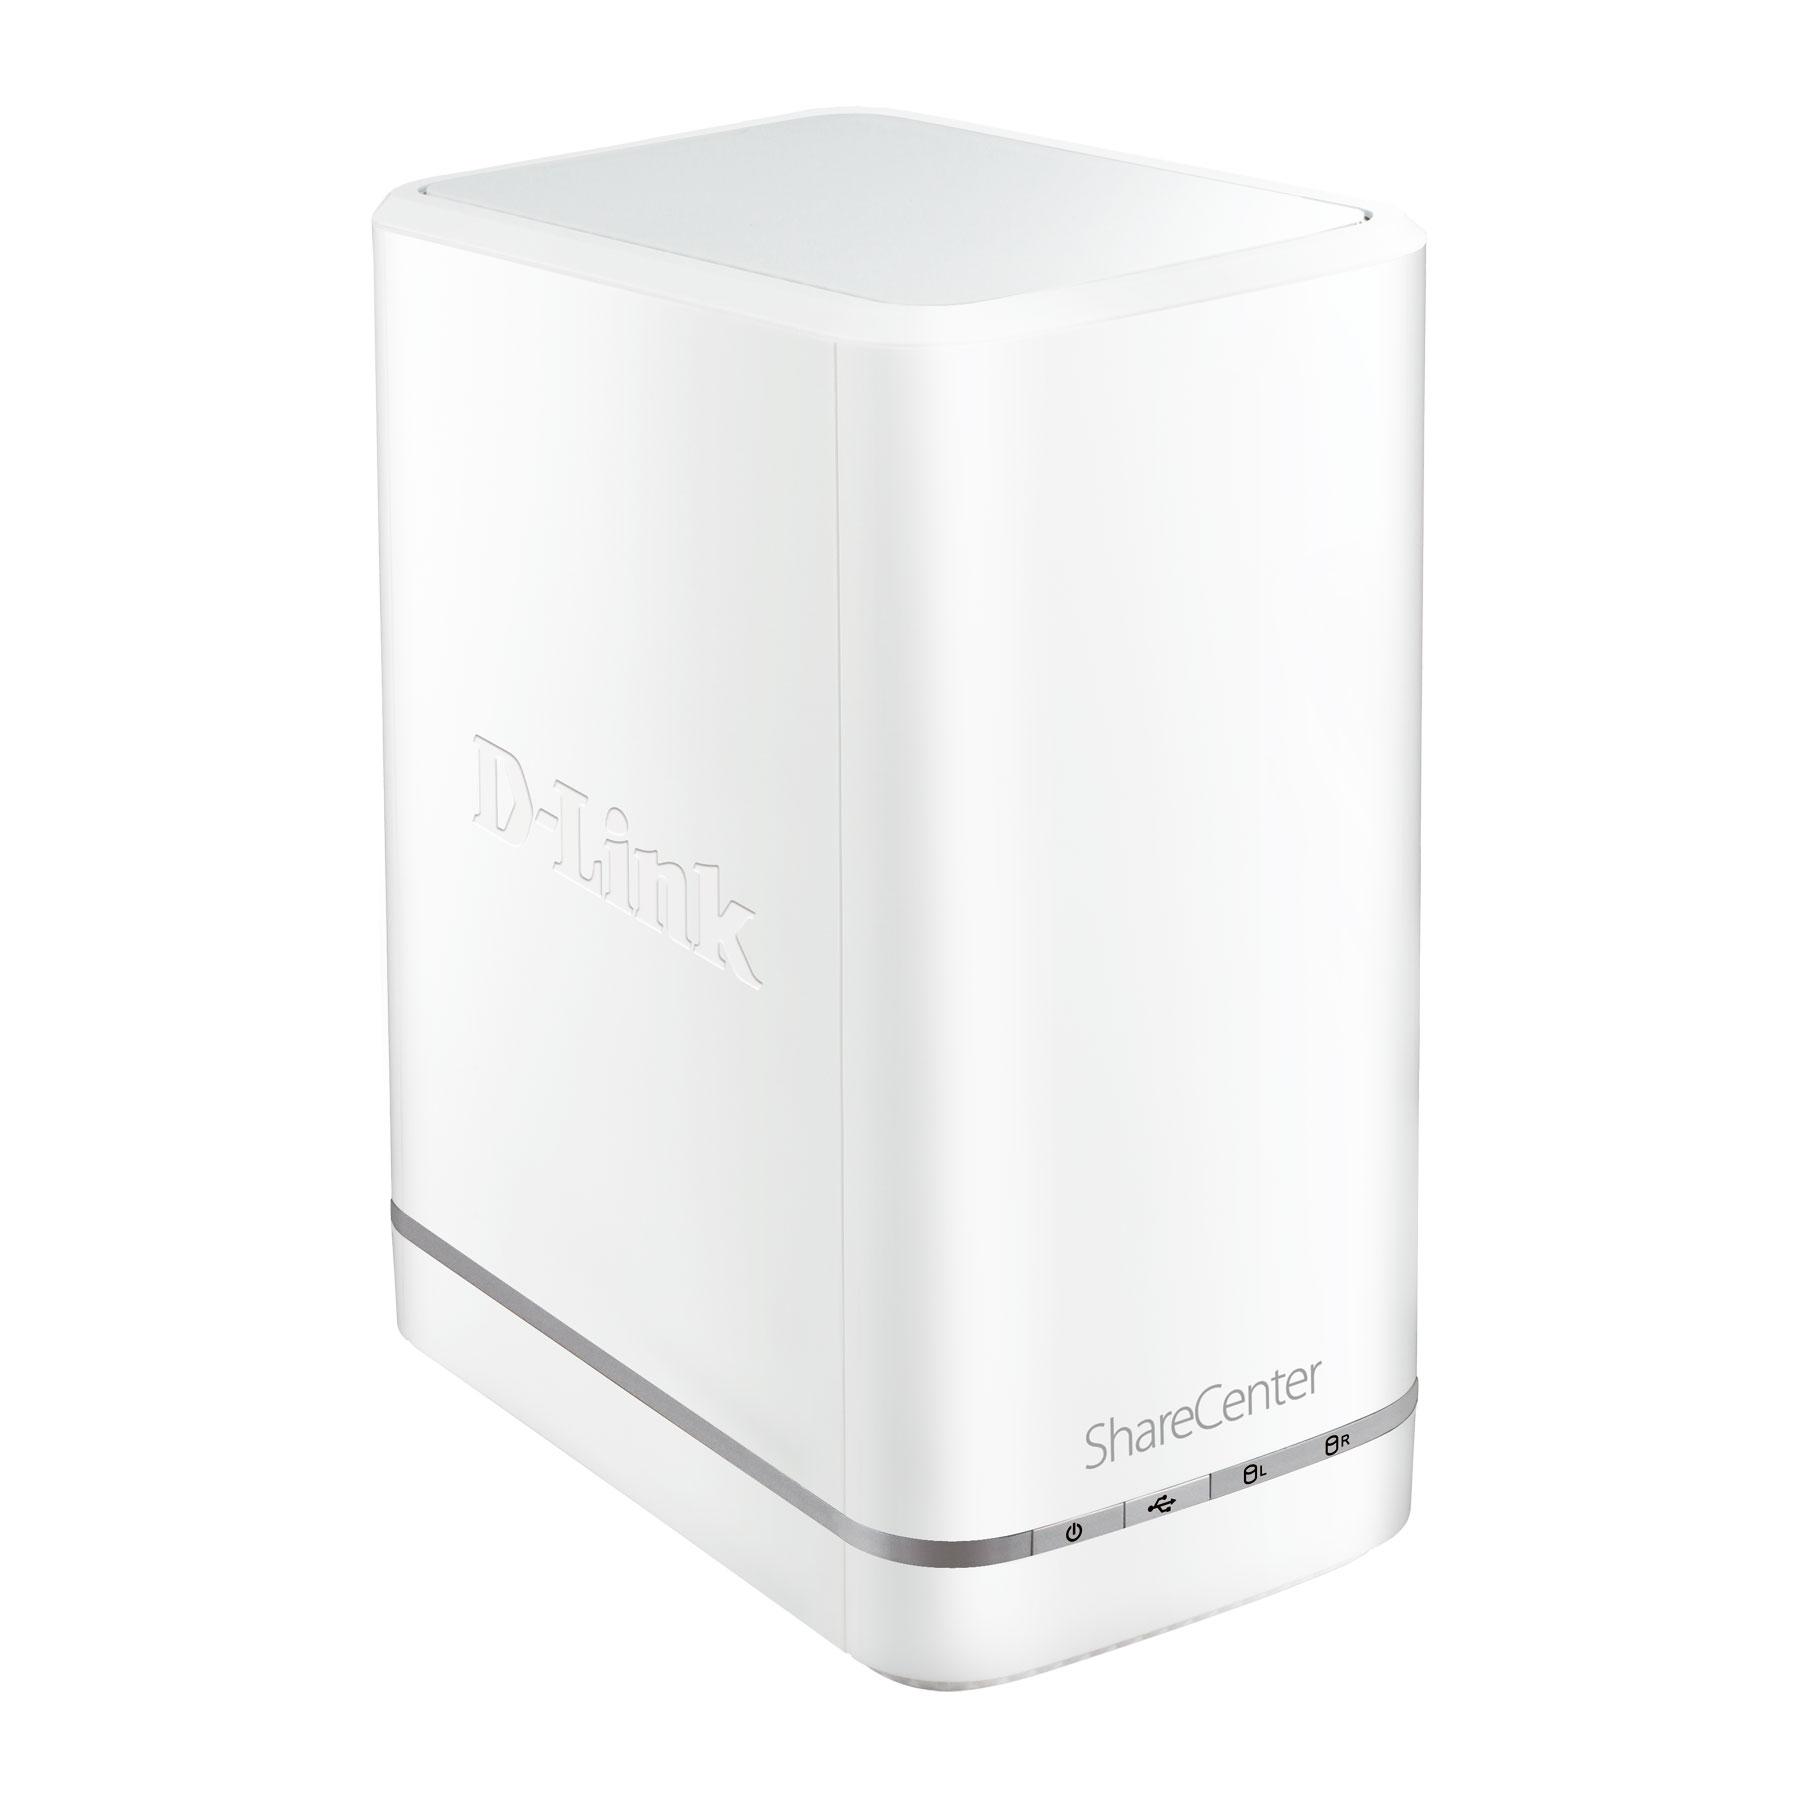 Serveur NAS D-Link DNS-327L ShareCenter Cloud Serveur de stockage réseau 2 baies (sans disque dur)